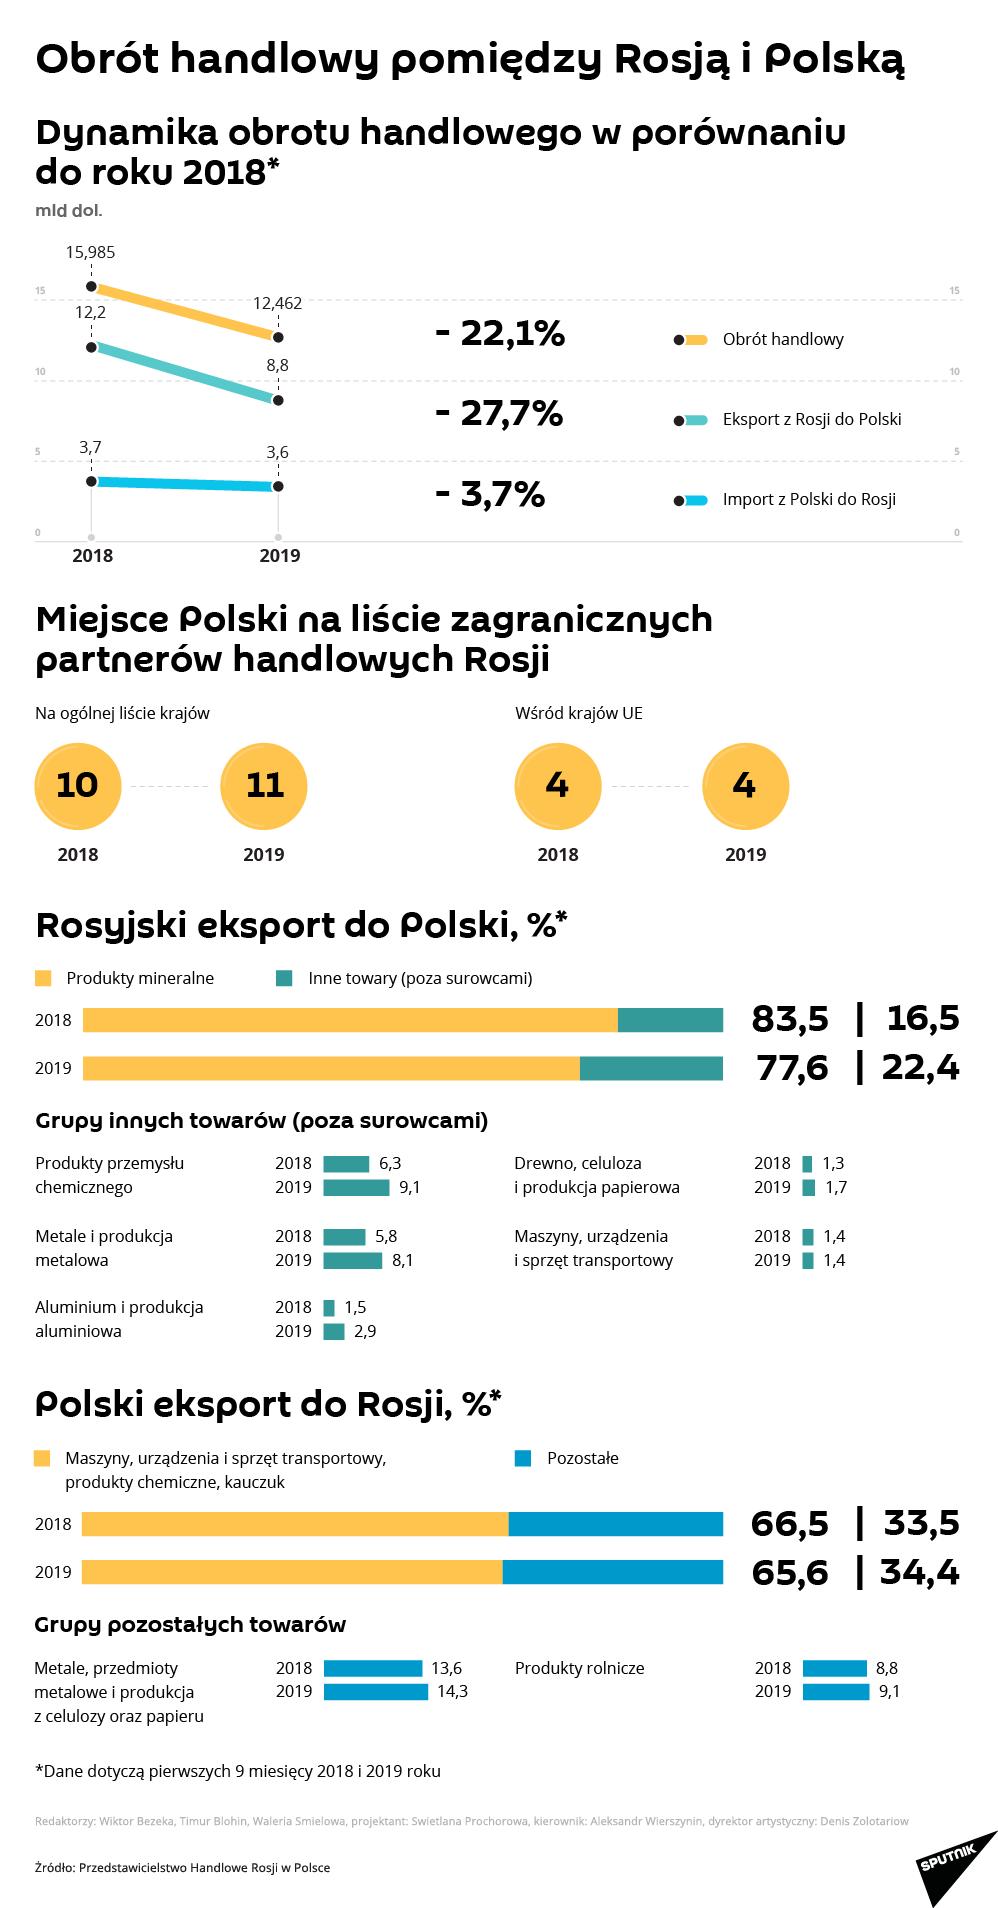 Obrót handlowy pomiędzy Rosją i Polską